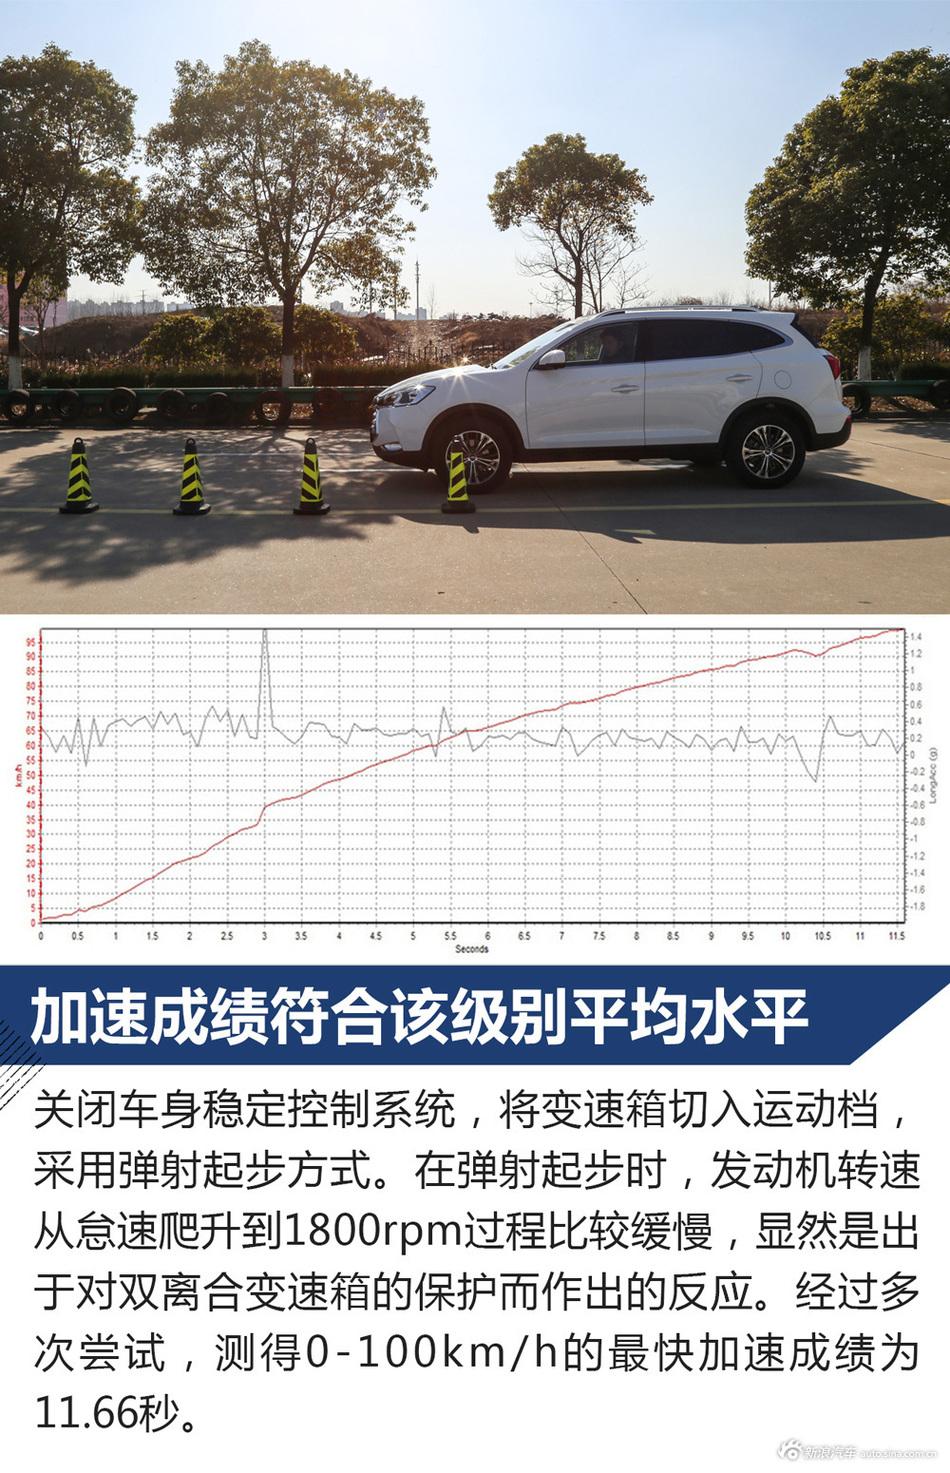 1.5T表现符合预期 试驾江淮瑞风S7运动版